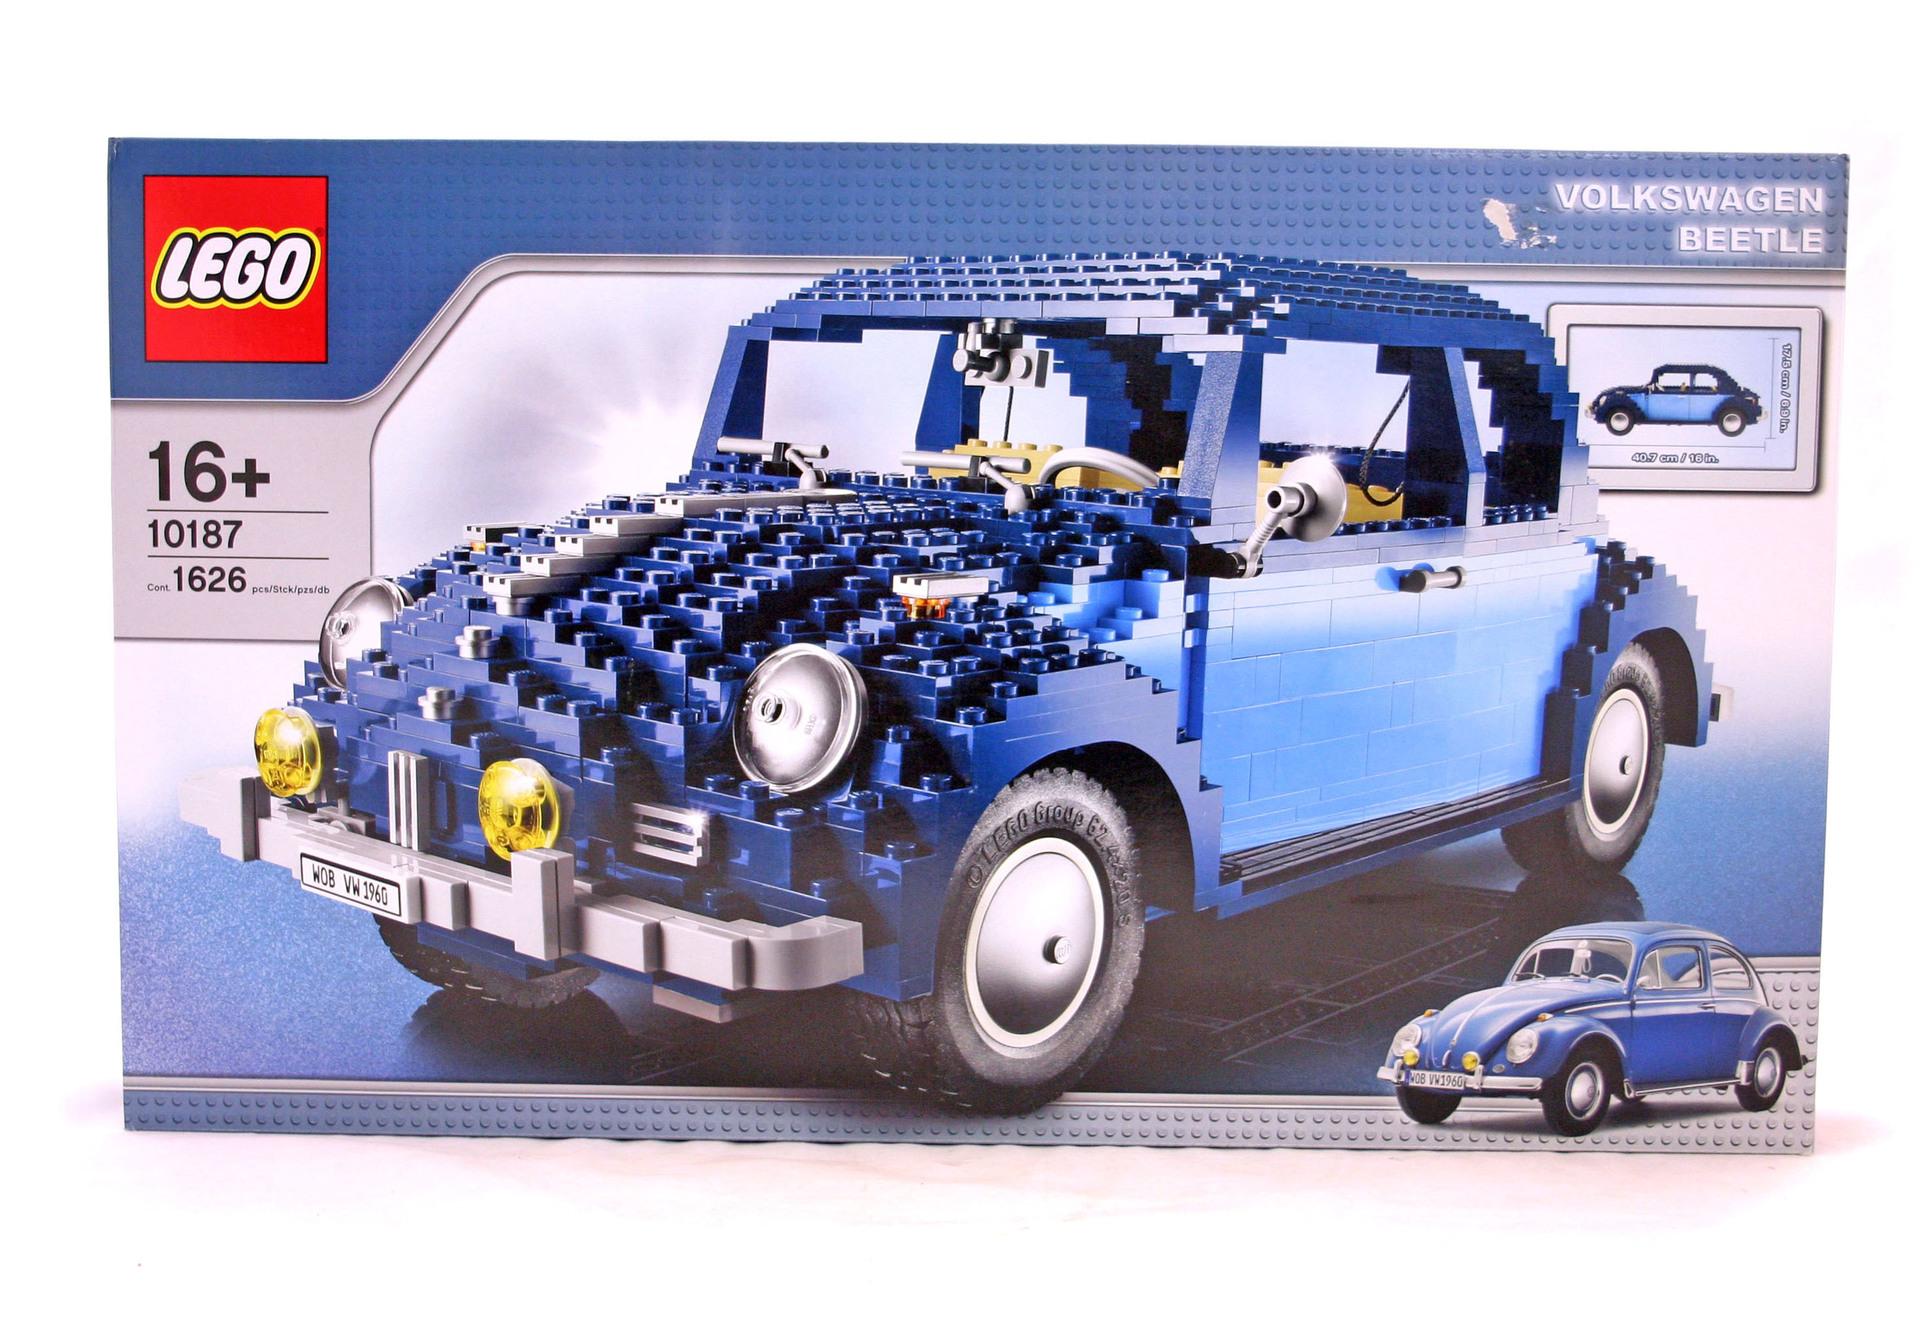 Volkswagen Beetle Lego Set 10187 1 Nisb Building Sets